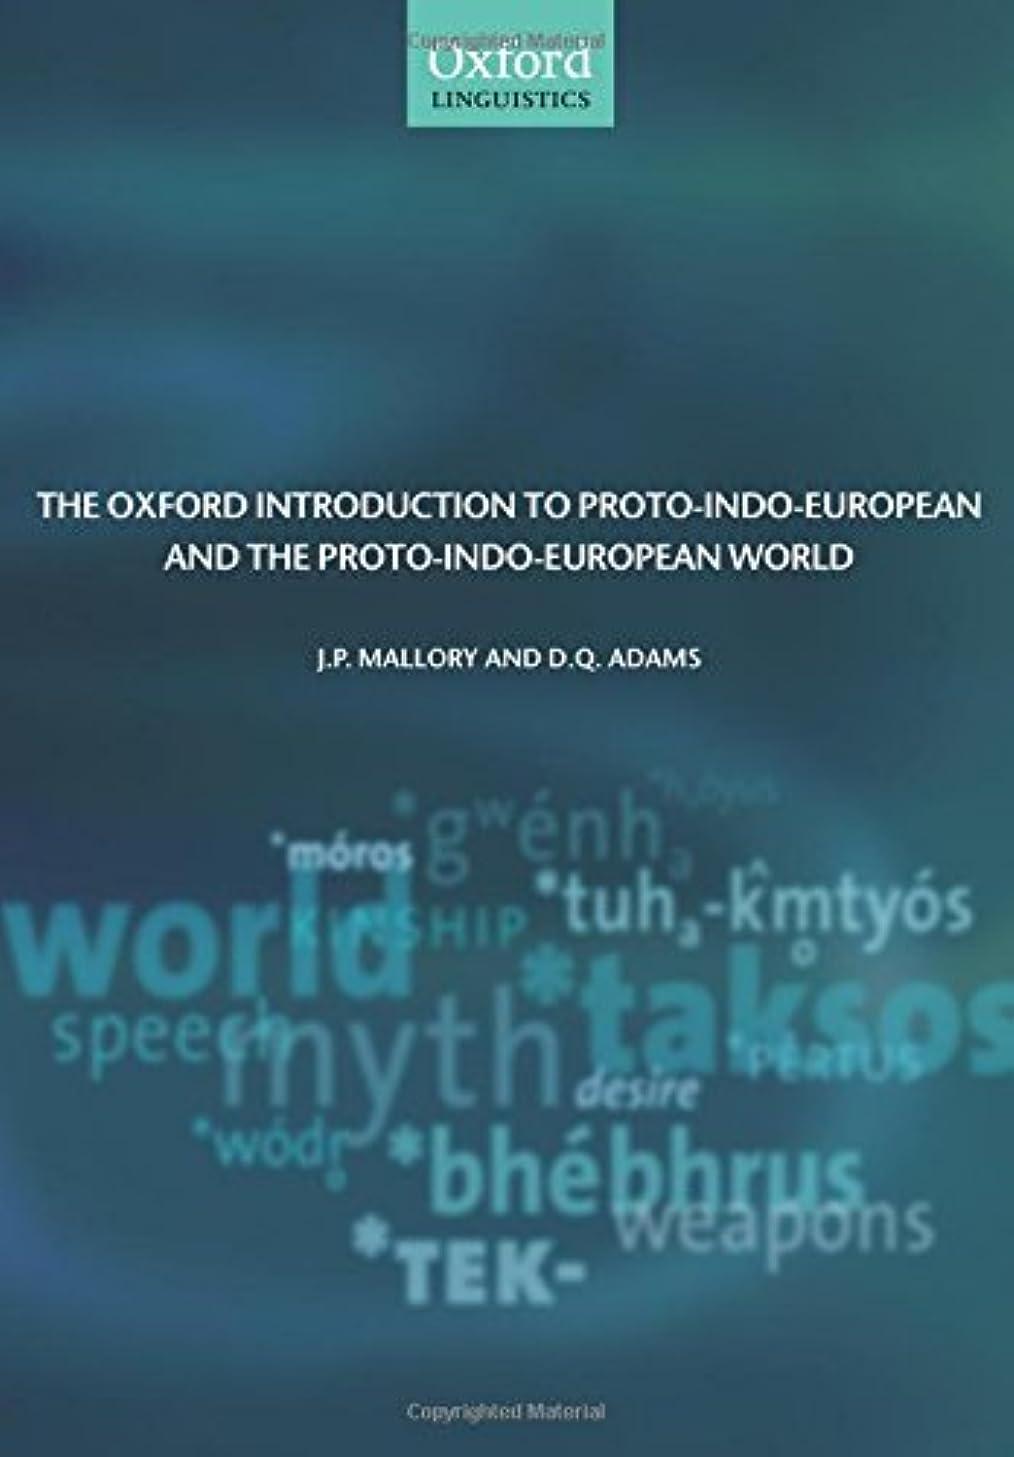 固めるアウター揃えるThe Oxford Introduction to Proto-indo-european and the Proto-indo-european World (Oxford Linguistics)